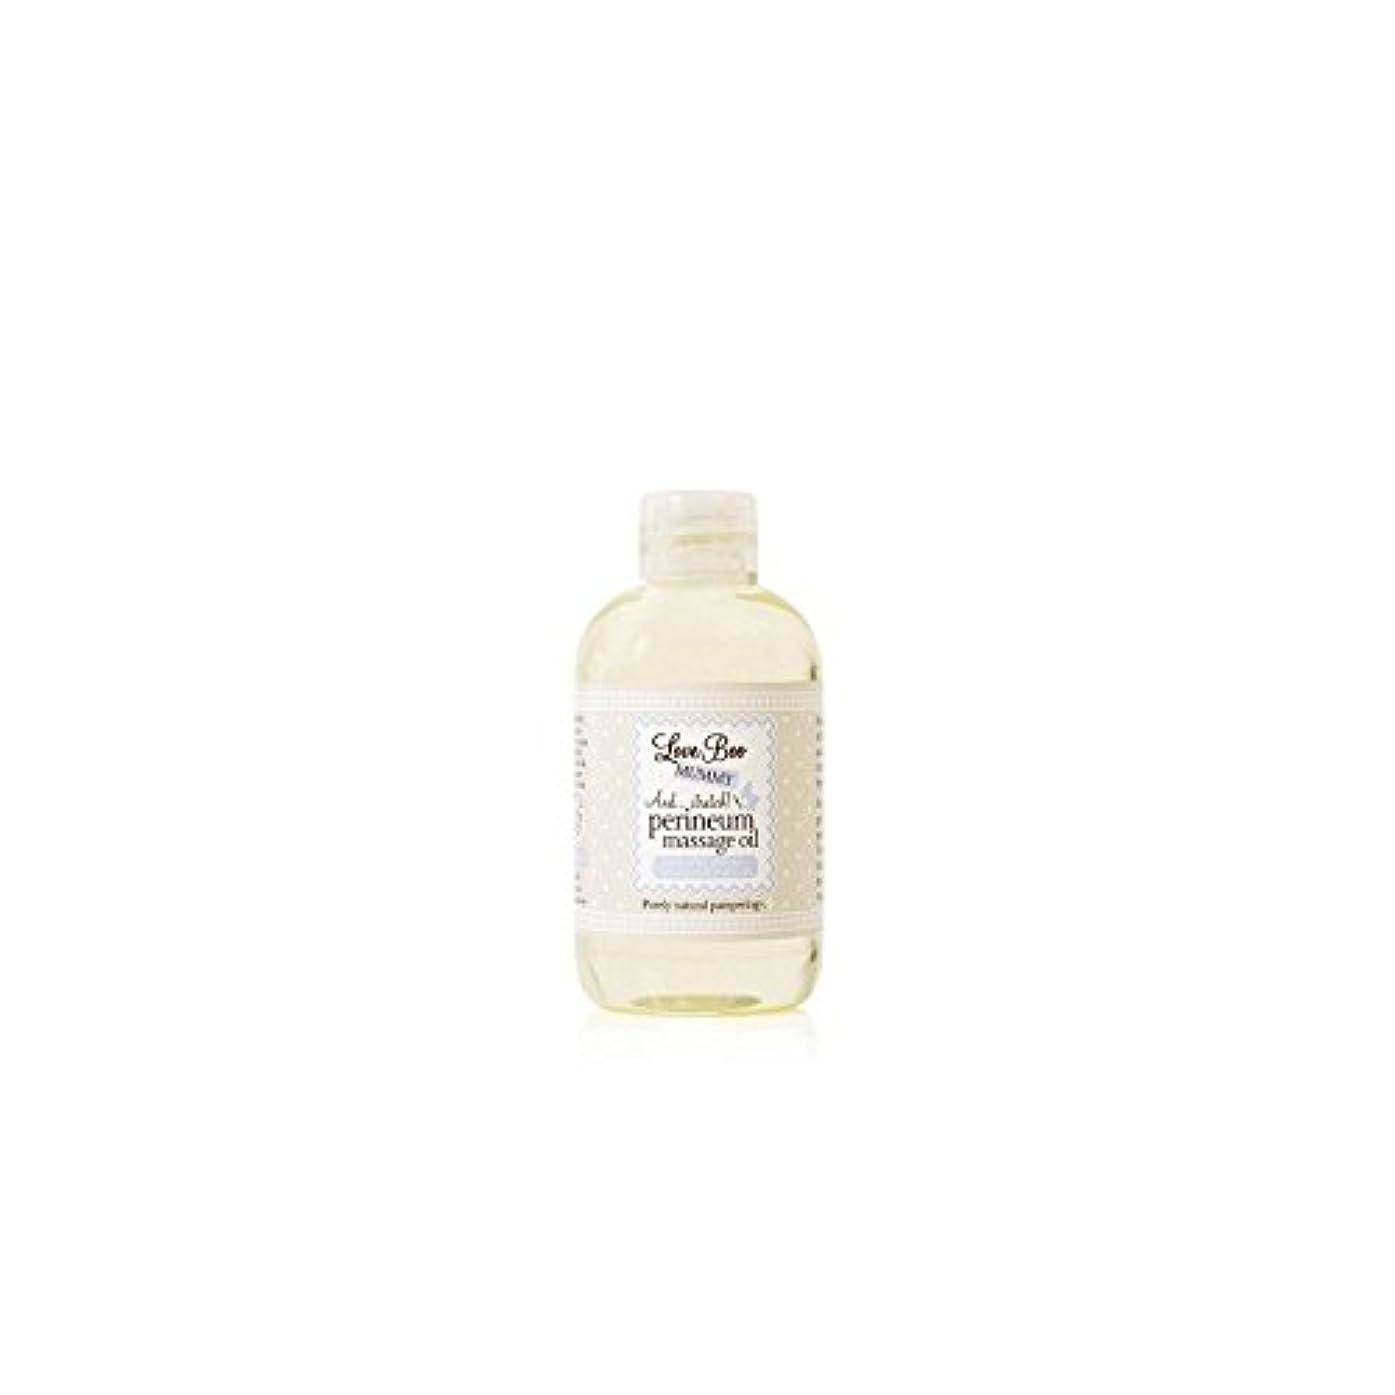 ぬいぐるみマニュアル望まないLove Boo Perineum Massage Oil (100ml) - 会陰マッサージオイル(100)にブーイングの愛 [並行輸入品]